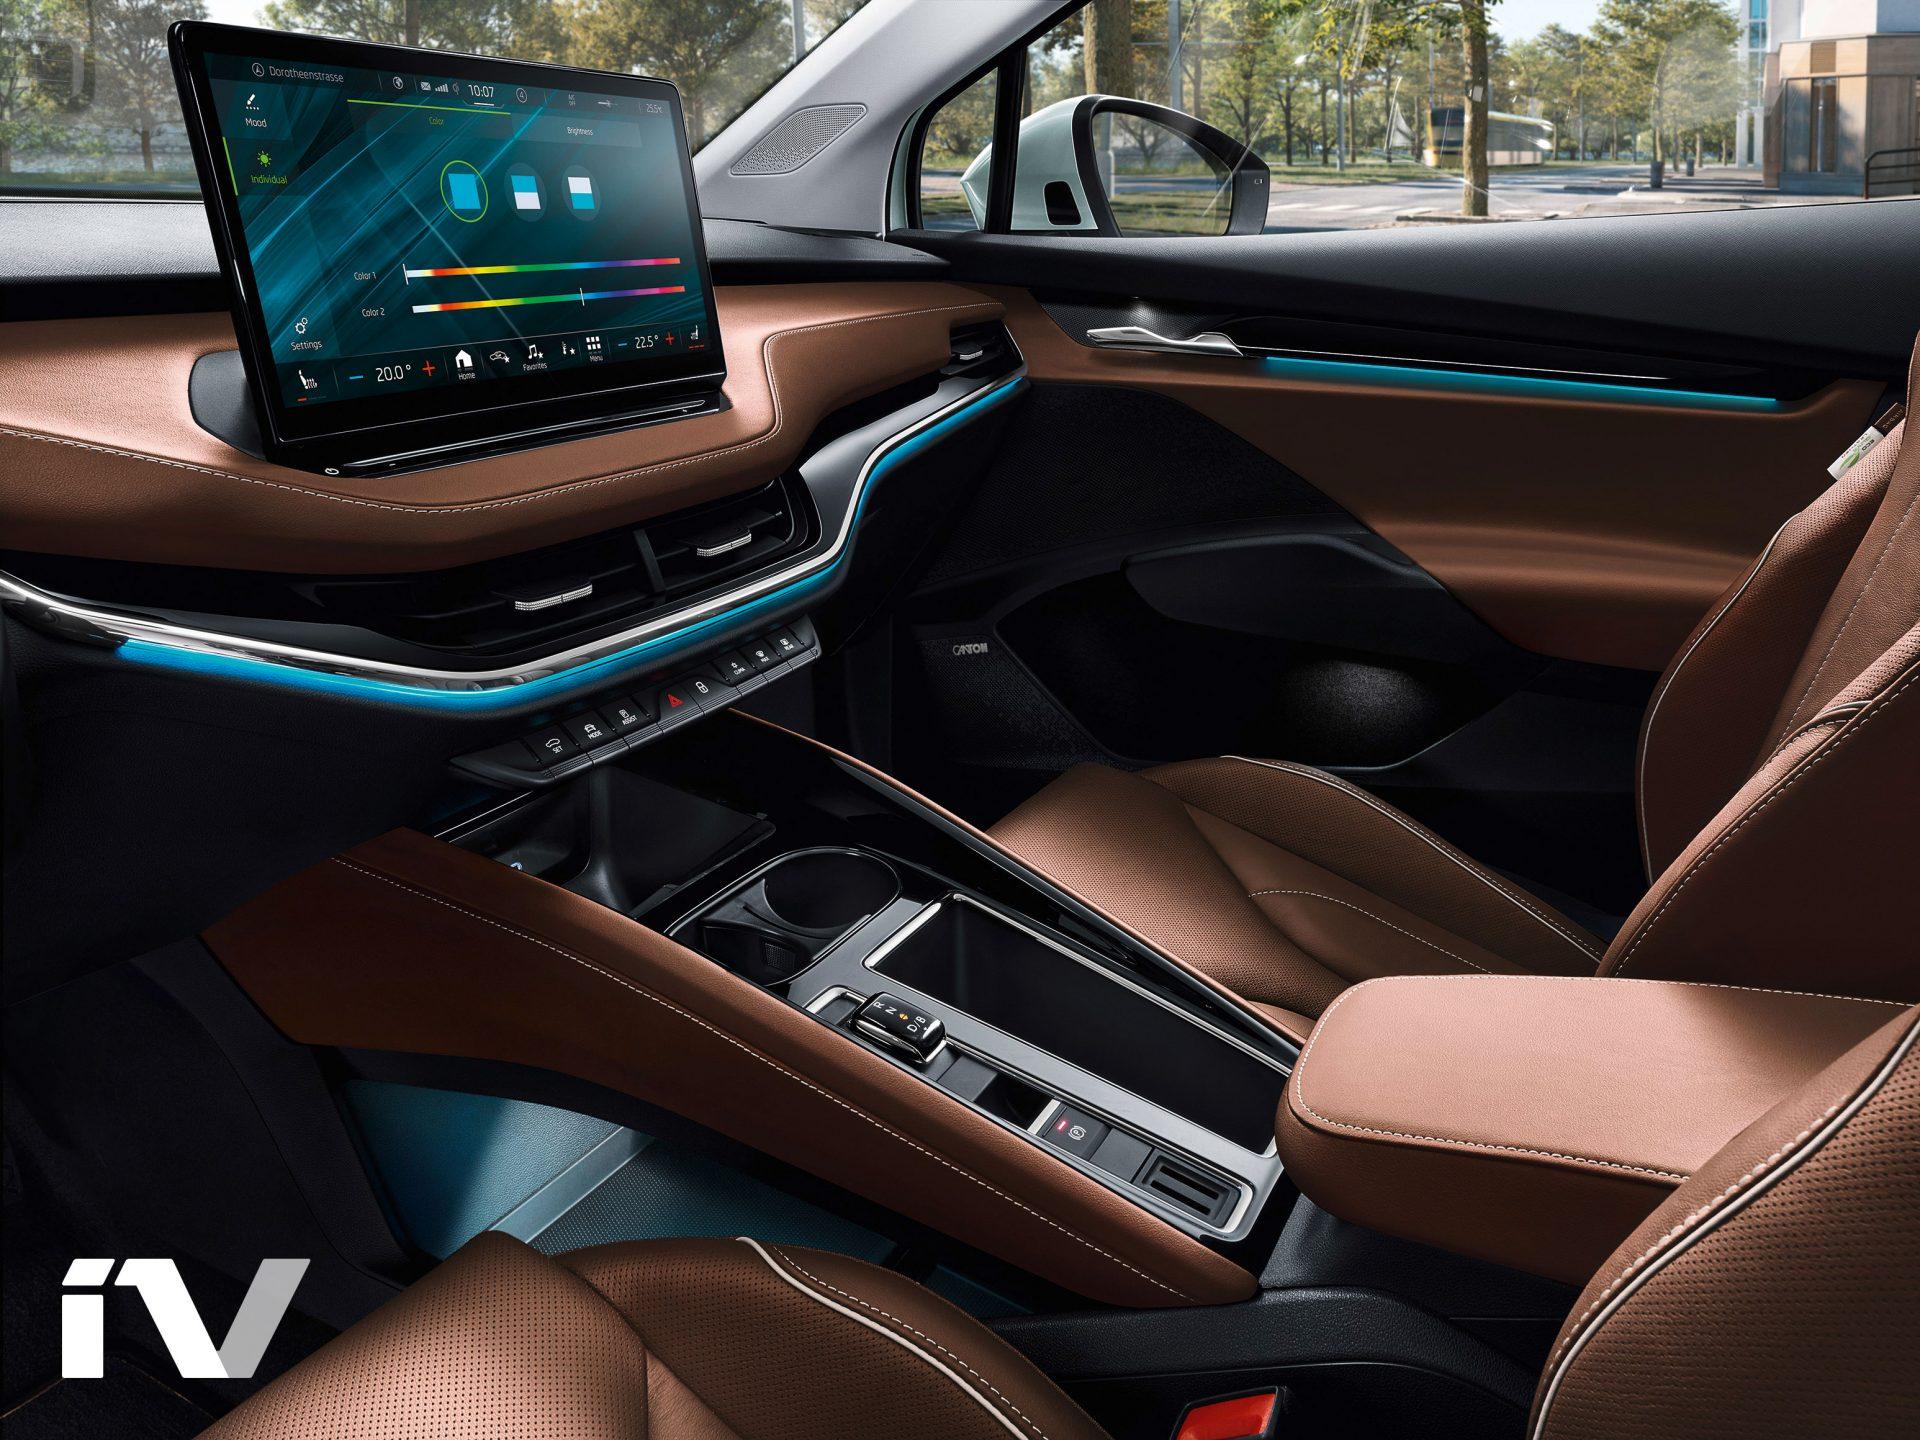 Nov koncept notranjosti vozila